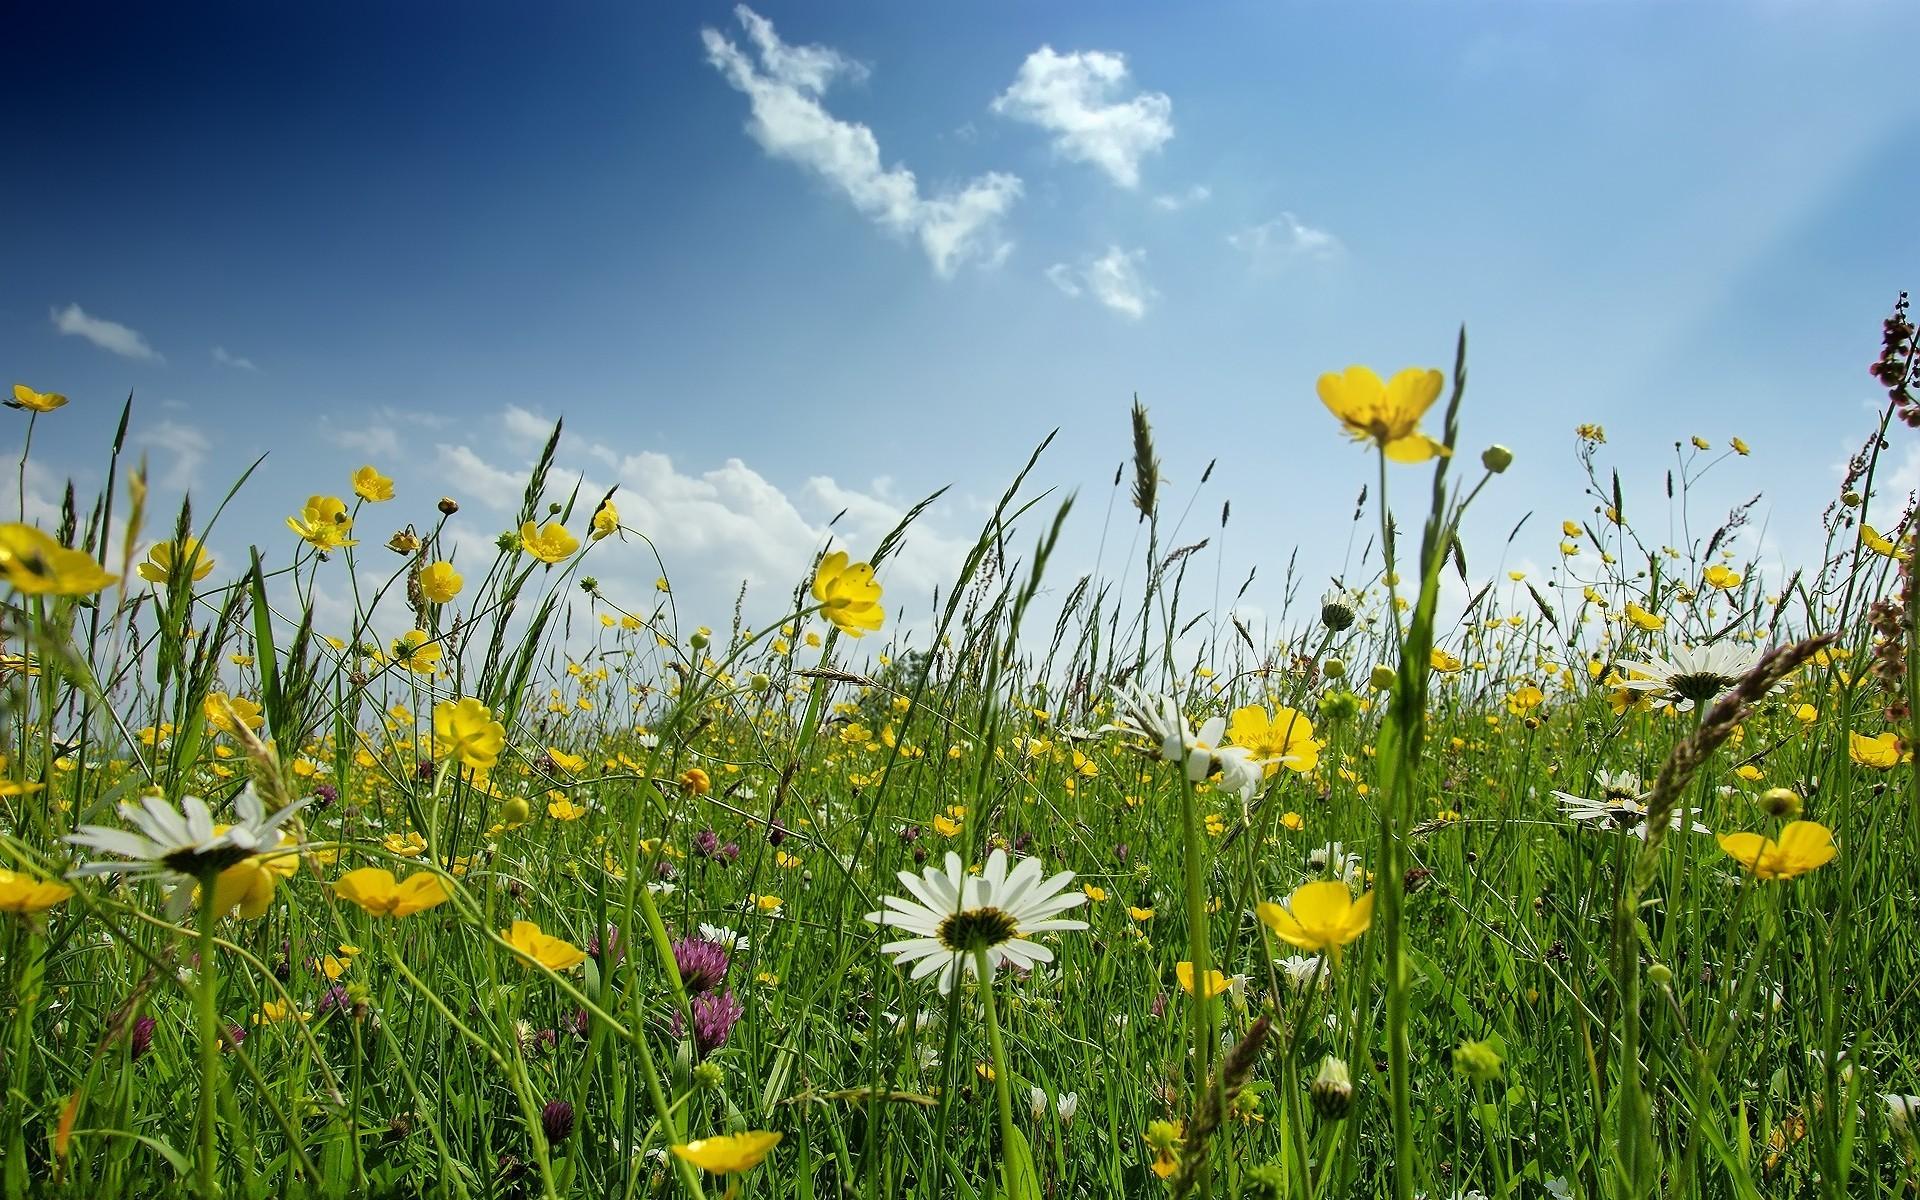 Wallpaper Sunlight Flowers Nature Sky Field Yellow Flower